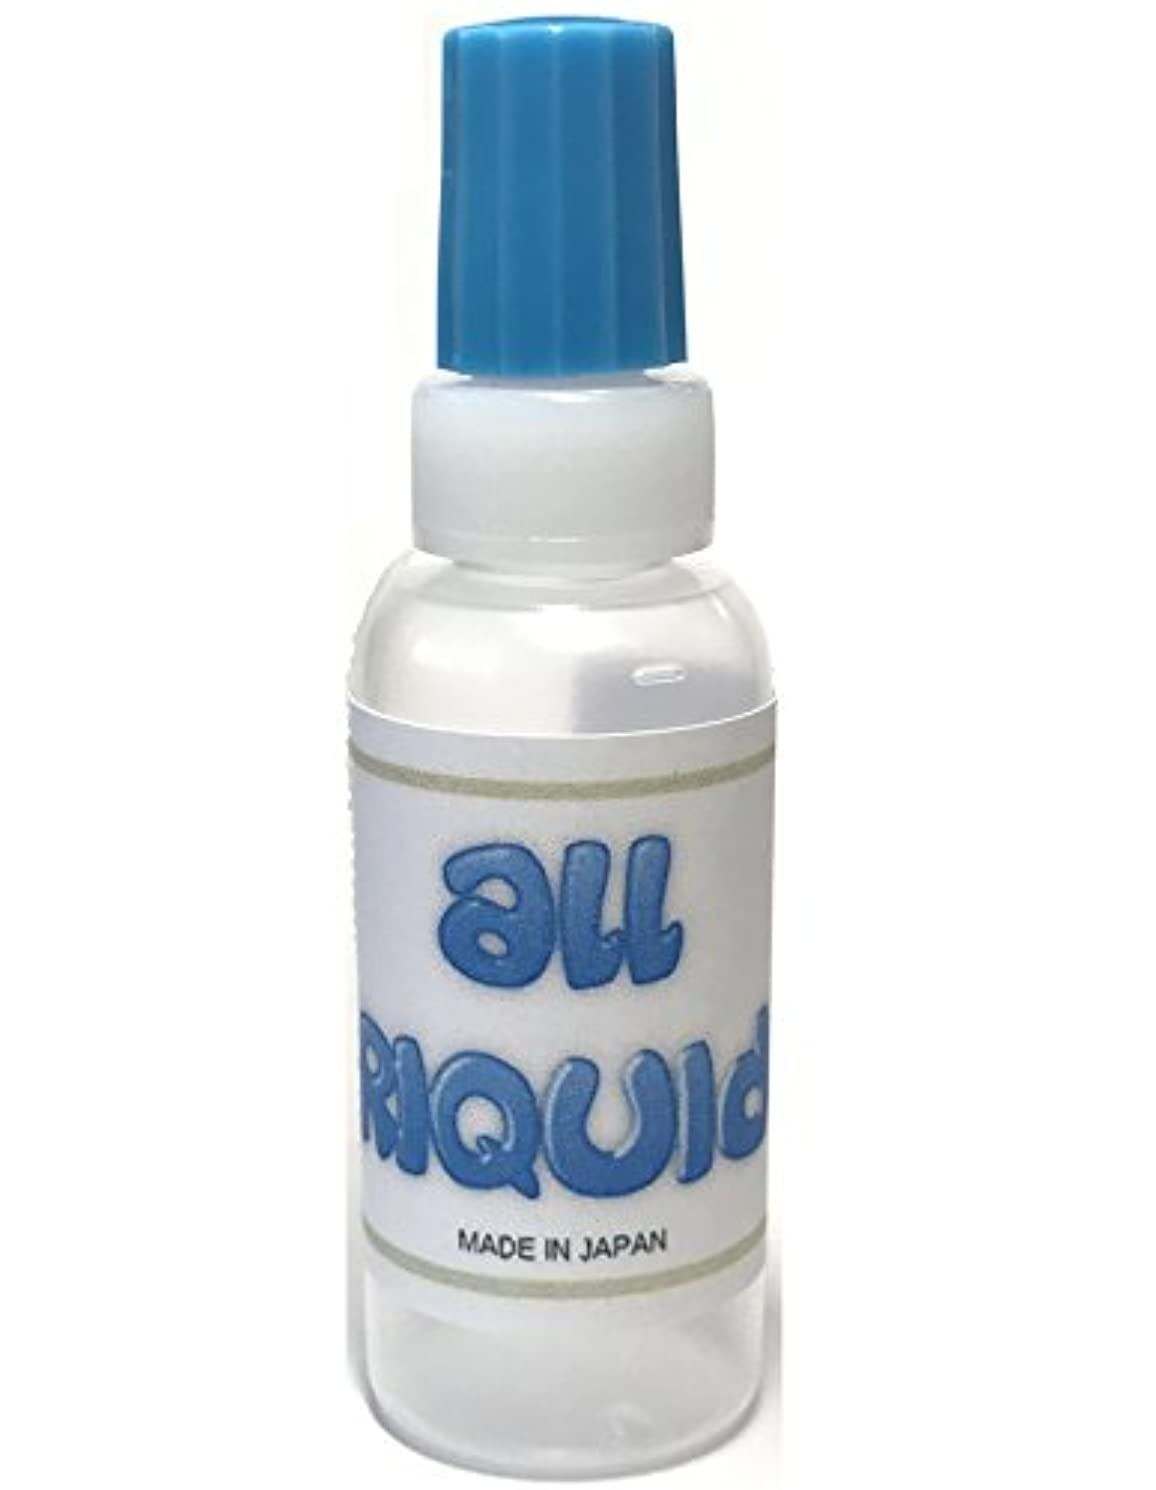 食物ドリンク睡眠(ALL LIQUID) 国産 ココナッツ アロマオイル エッセンシャルオイル 20ml 大容量 ボトル容器